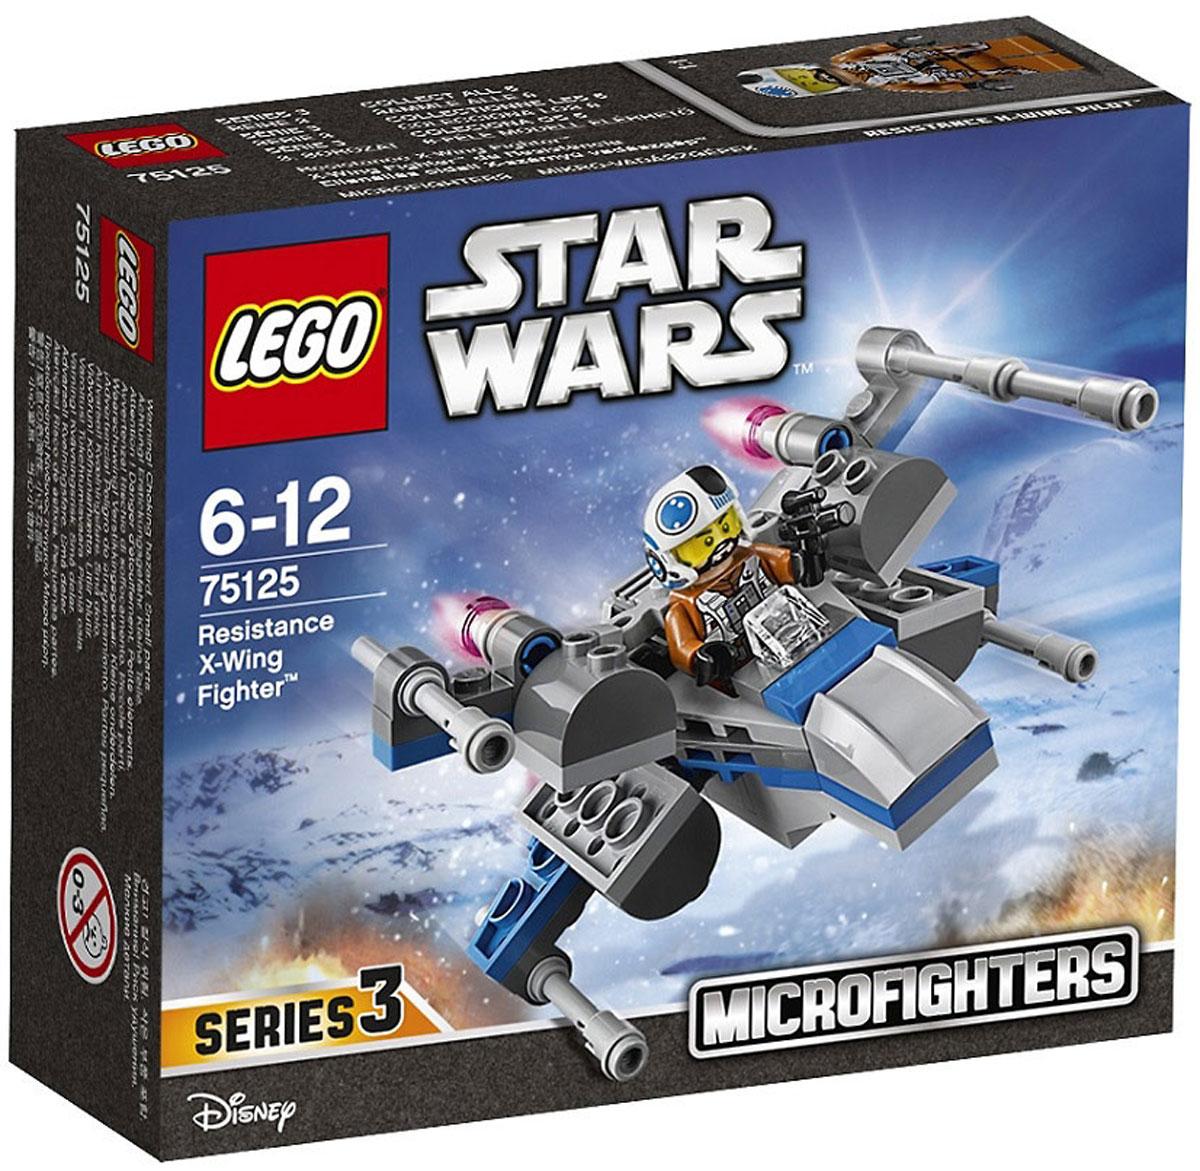 LEGO Star Wars Конструктор Истребитель Повстанцев 7512575125Конструктор Lego Star Wars Истребитель Повстанцев приведет в восторг любого поклонника знаменитой космической саги Звездные войны. Конструктор содержит 87 пластиковых элементов, с помощью которых вы сможете собрать оригинальную боевую машину из вселенной Звездных войн. Первый Орден атакует, и теперь пришло время пустить в ход миниатюрный Истребитель типа Х сил Сопротивления. Посади пилота Истребителя сил Сопротивления в кабину, сложи крылья и стартуй, чтобы принять участие в космических битвах LEGO® Звёздные Войны. Все элементы набора выполнены из прочного безопасного пластика. Корабль стреляет небольшими снарядами, входящими в набор. Также в набор входит фигурка пилота Сопротивления. Игры с конструкторами помогут ребенку развить воображение, внимательность, пространственное мышление и творческие способности. Такой конструктор надолго займет внимание малыша и непременно станет его любимой игрушкой.